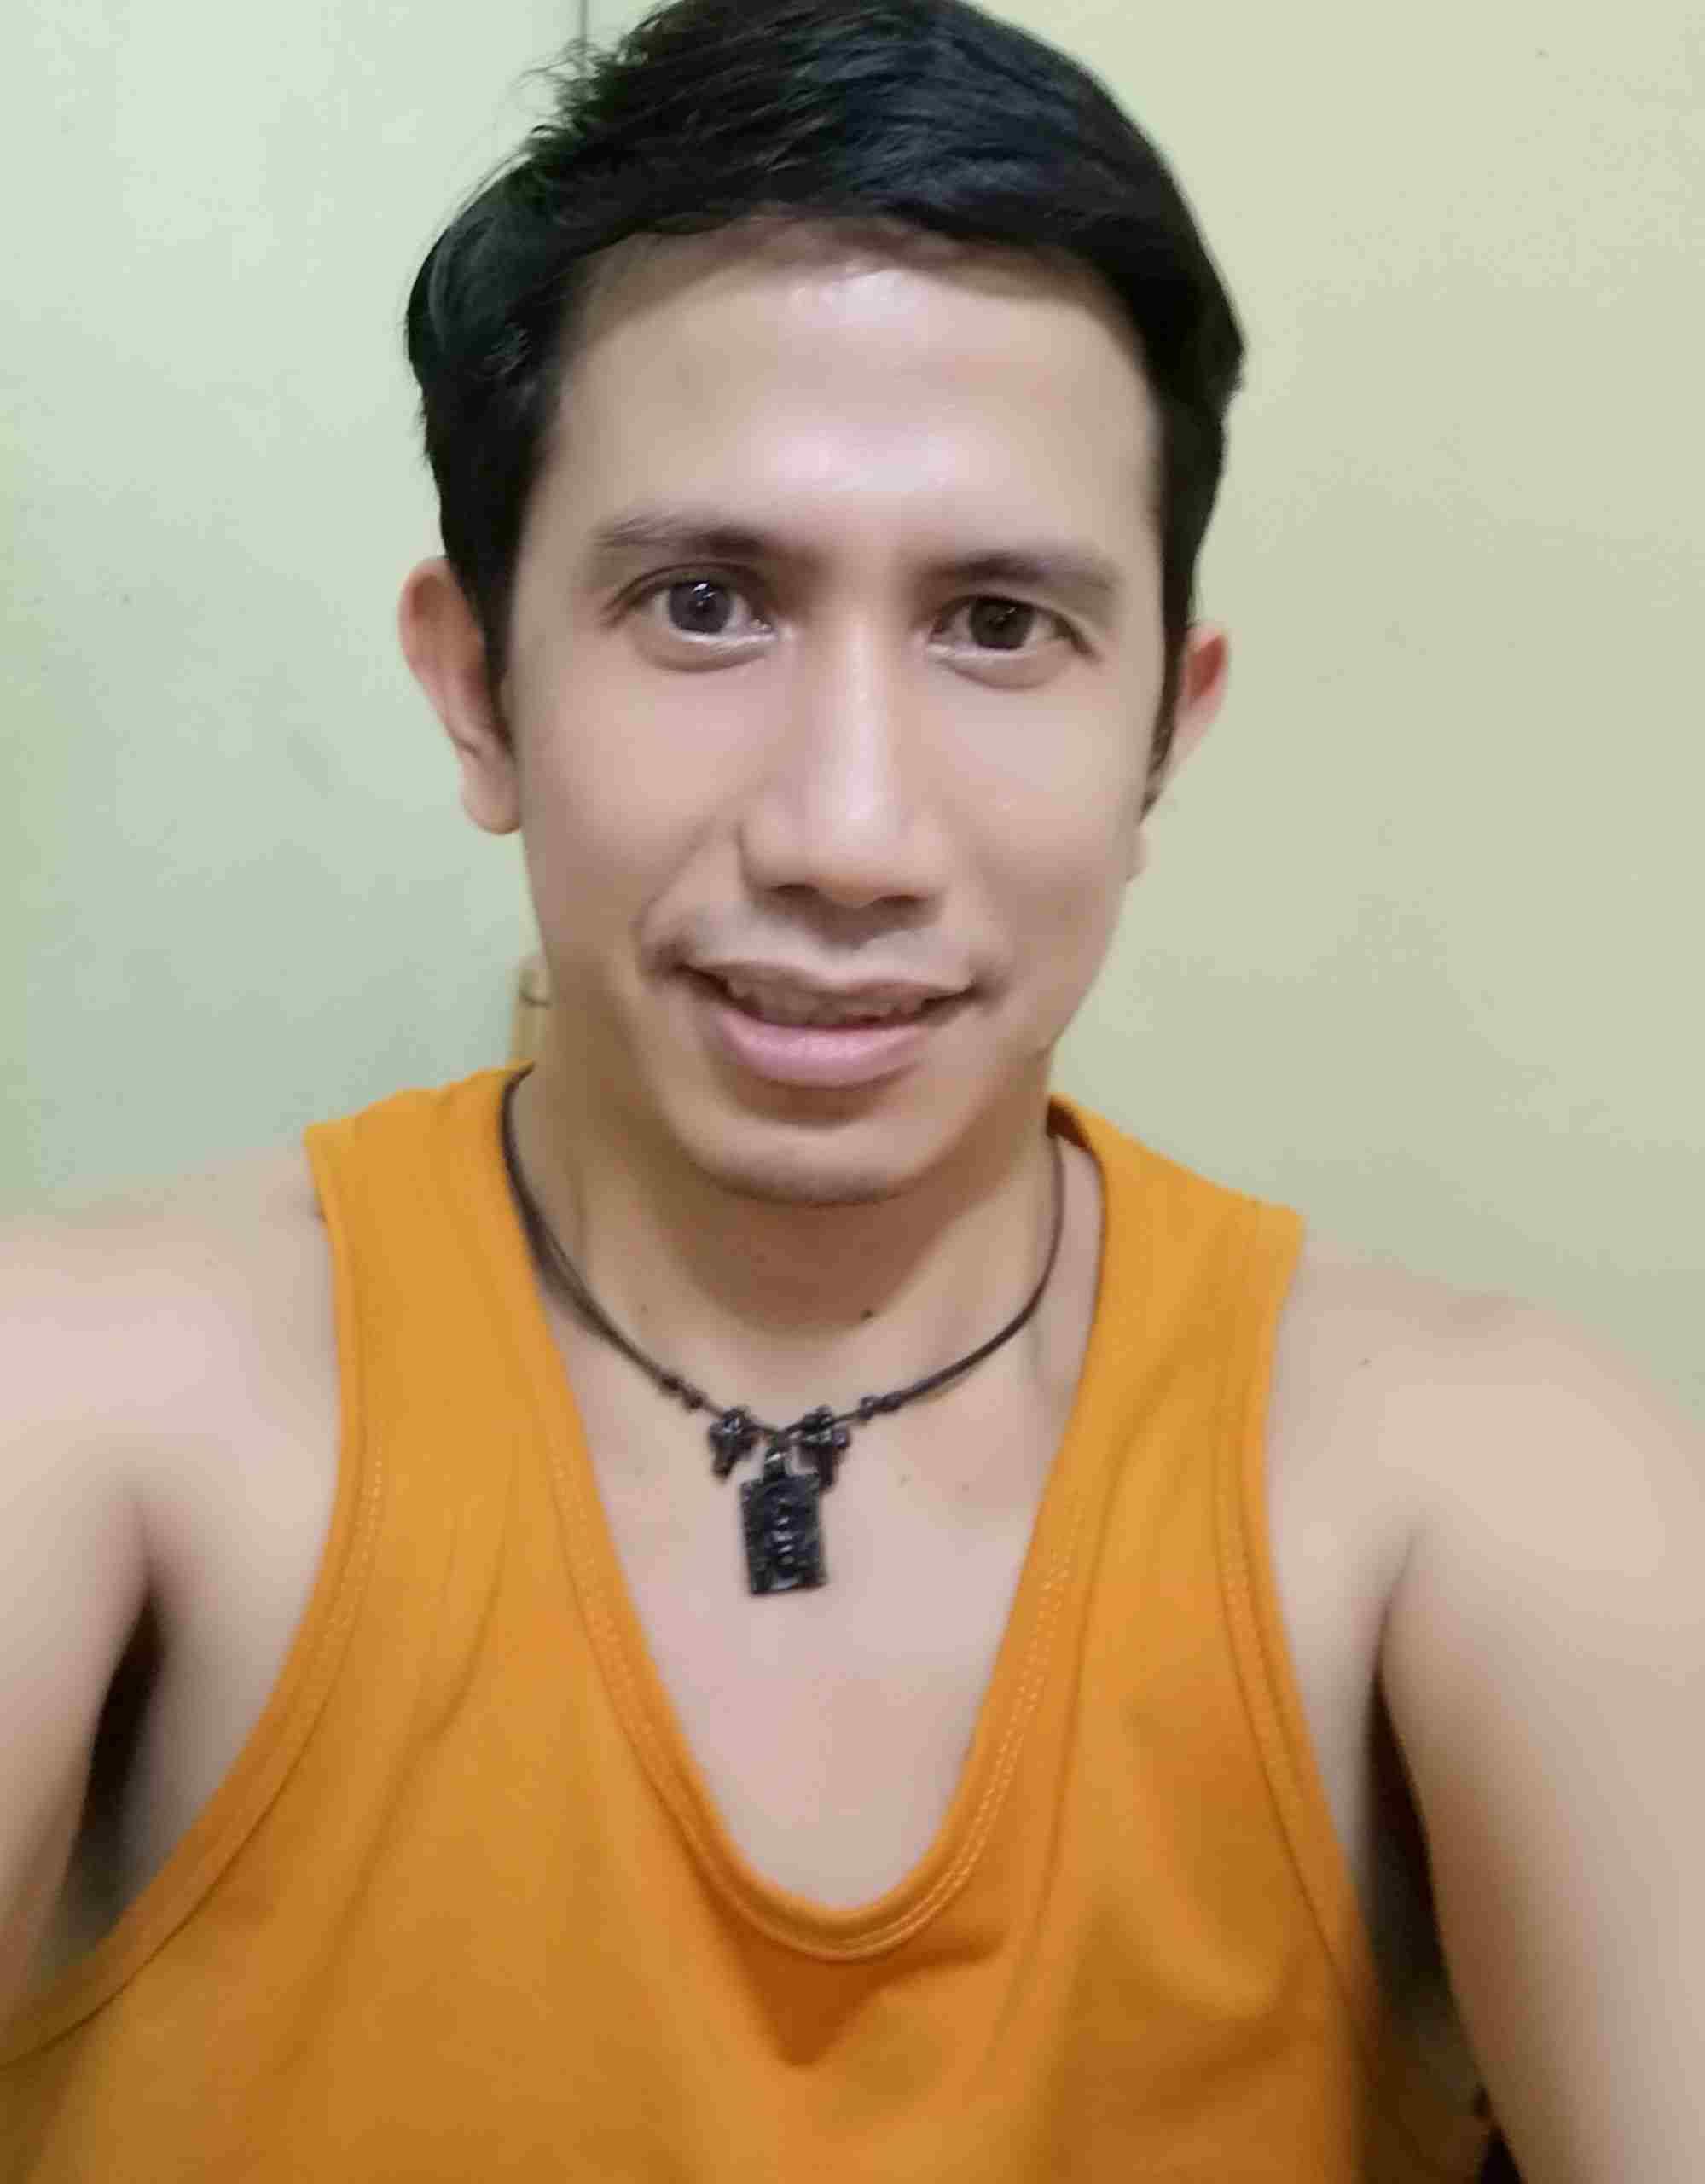 Giuseppe Castañón, apodo redz010389, 41 años, soy de Catalonia, ciudad Badalona